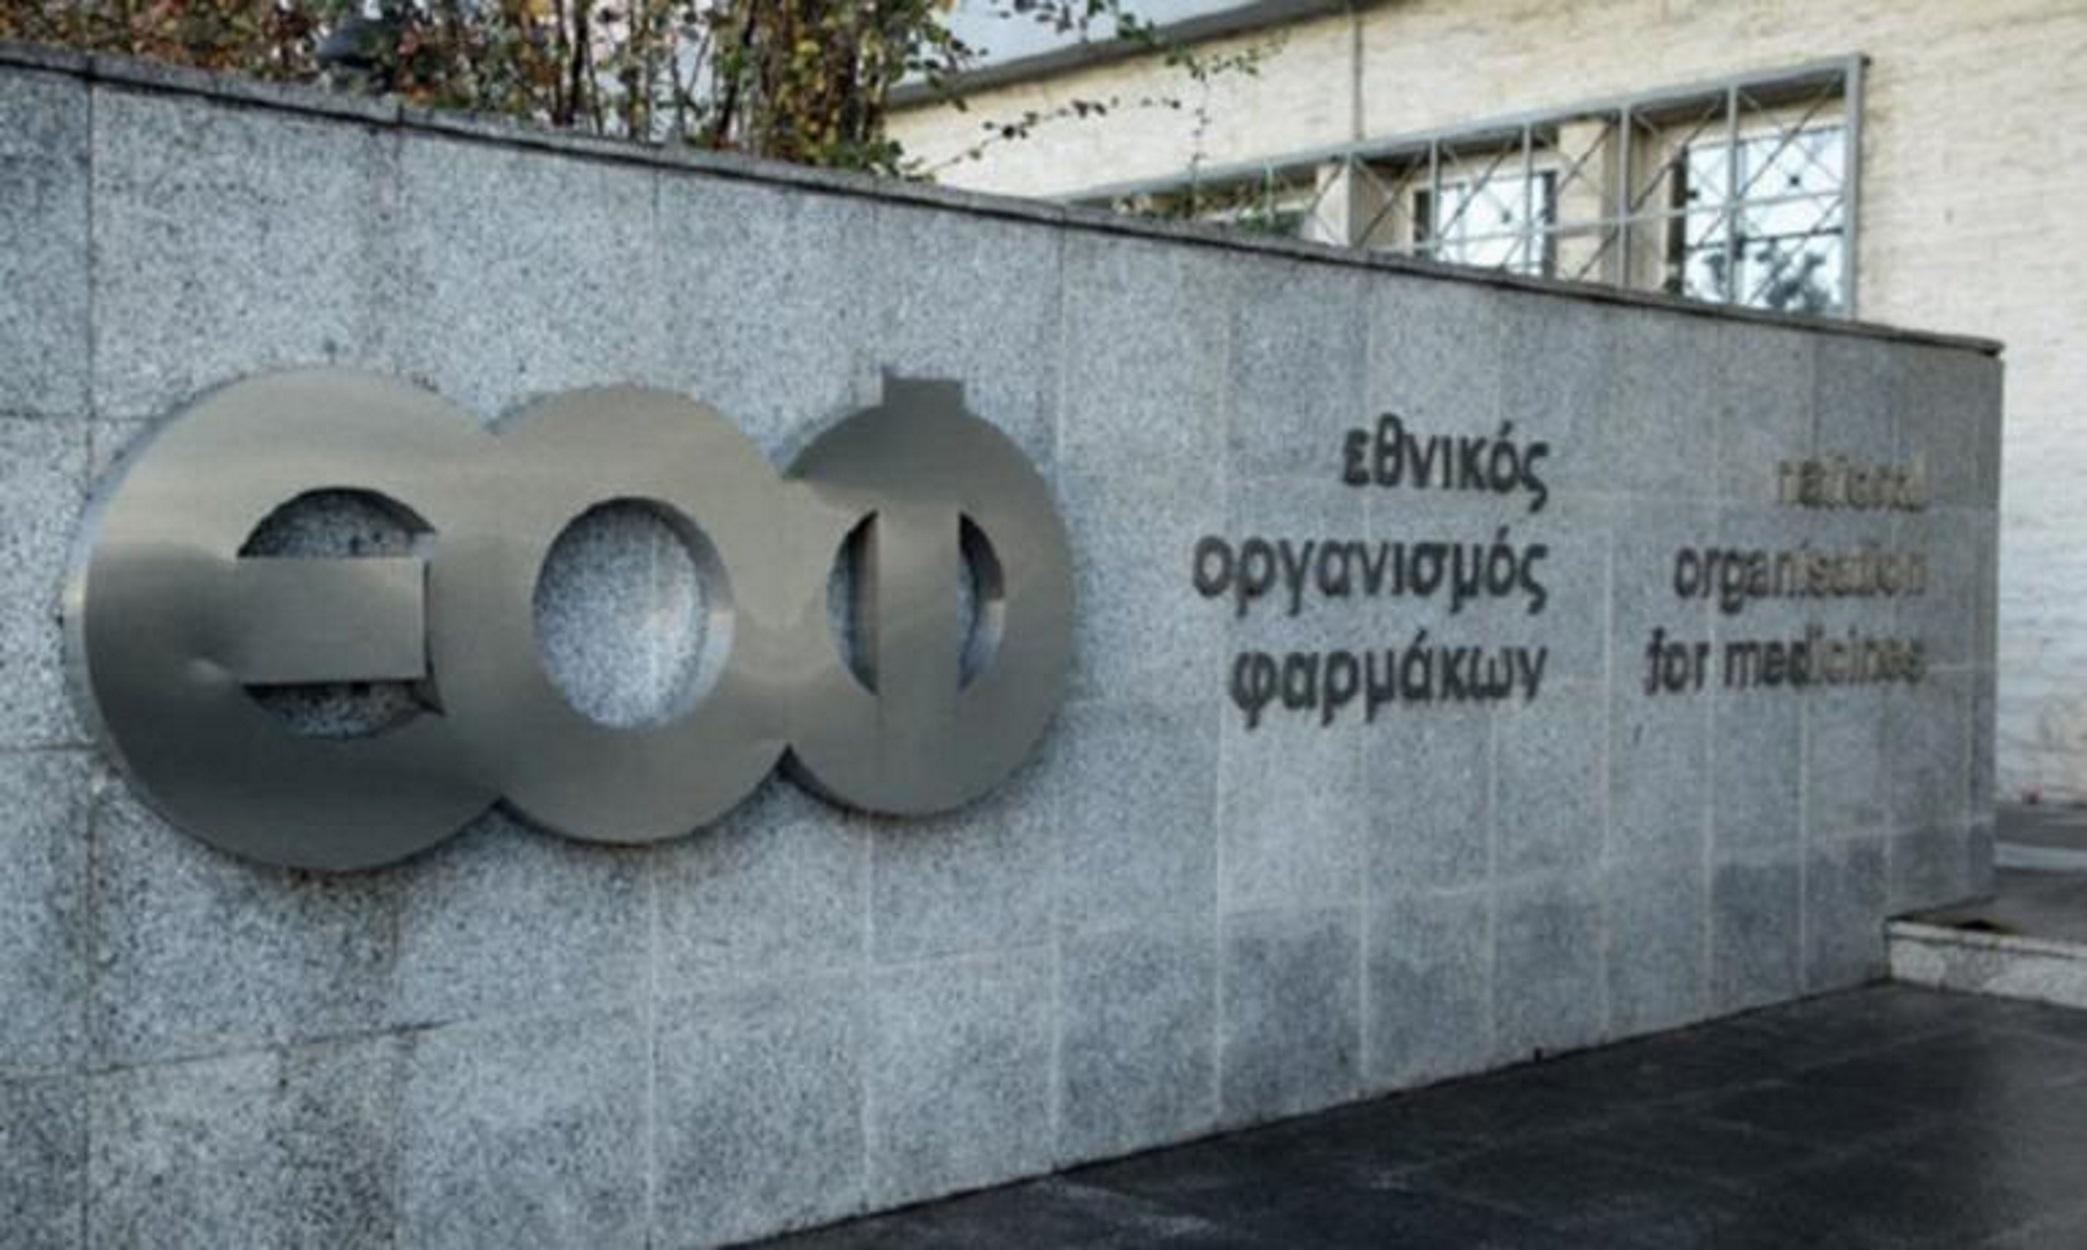 ΕΟΦ: Απαγόρευσε την κυκλοφορία δυο αντισηπτικών και αποσύρονται από την αγορά